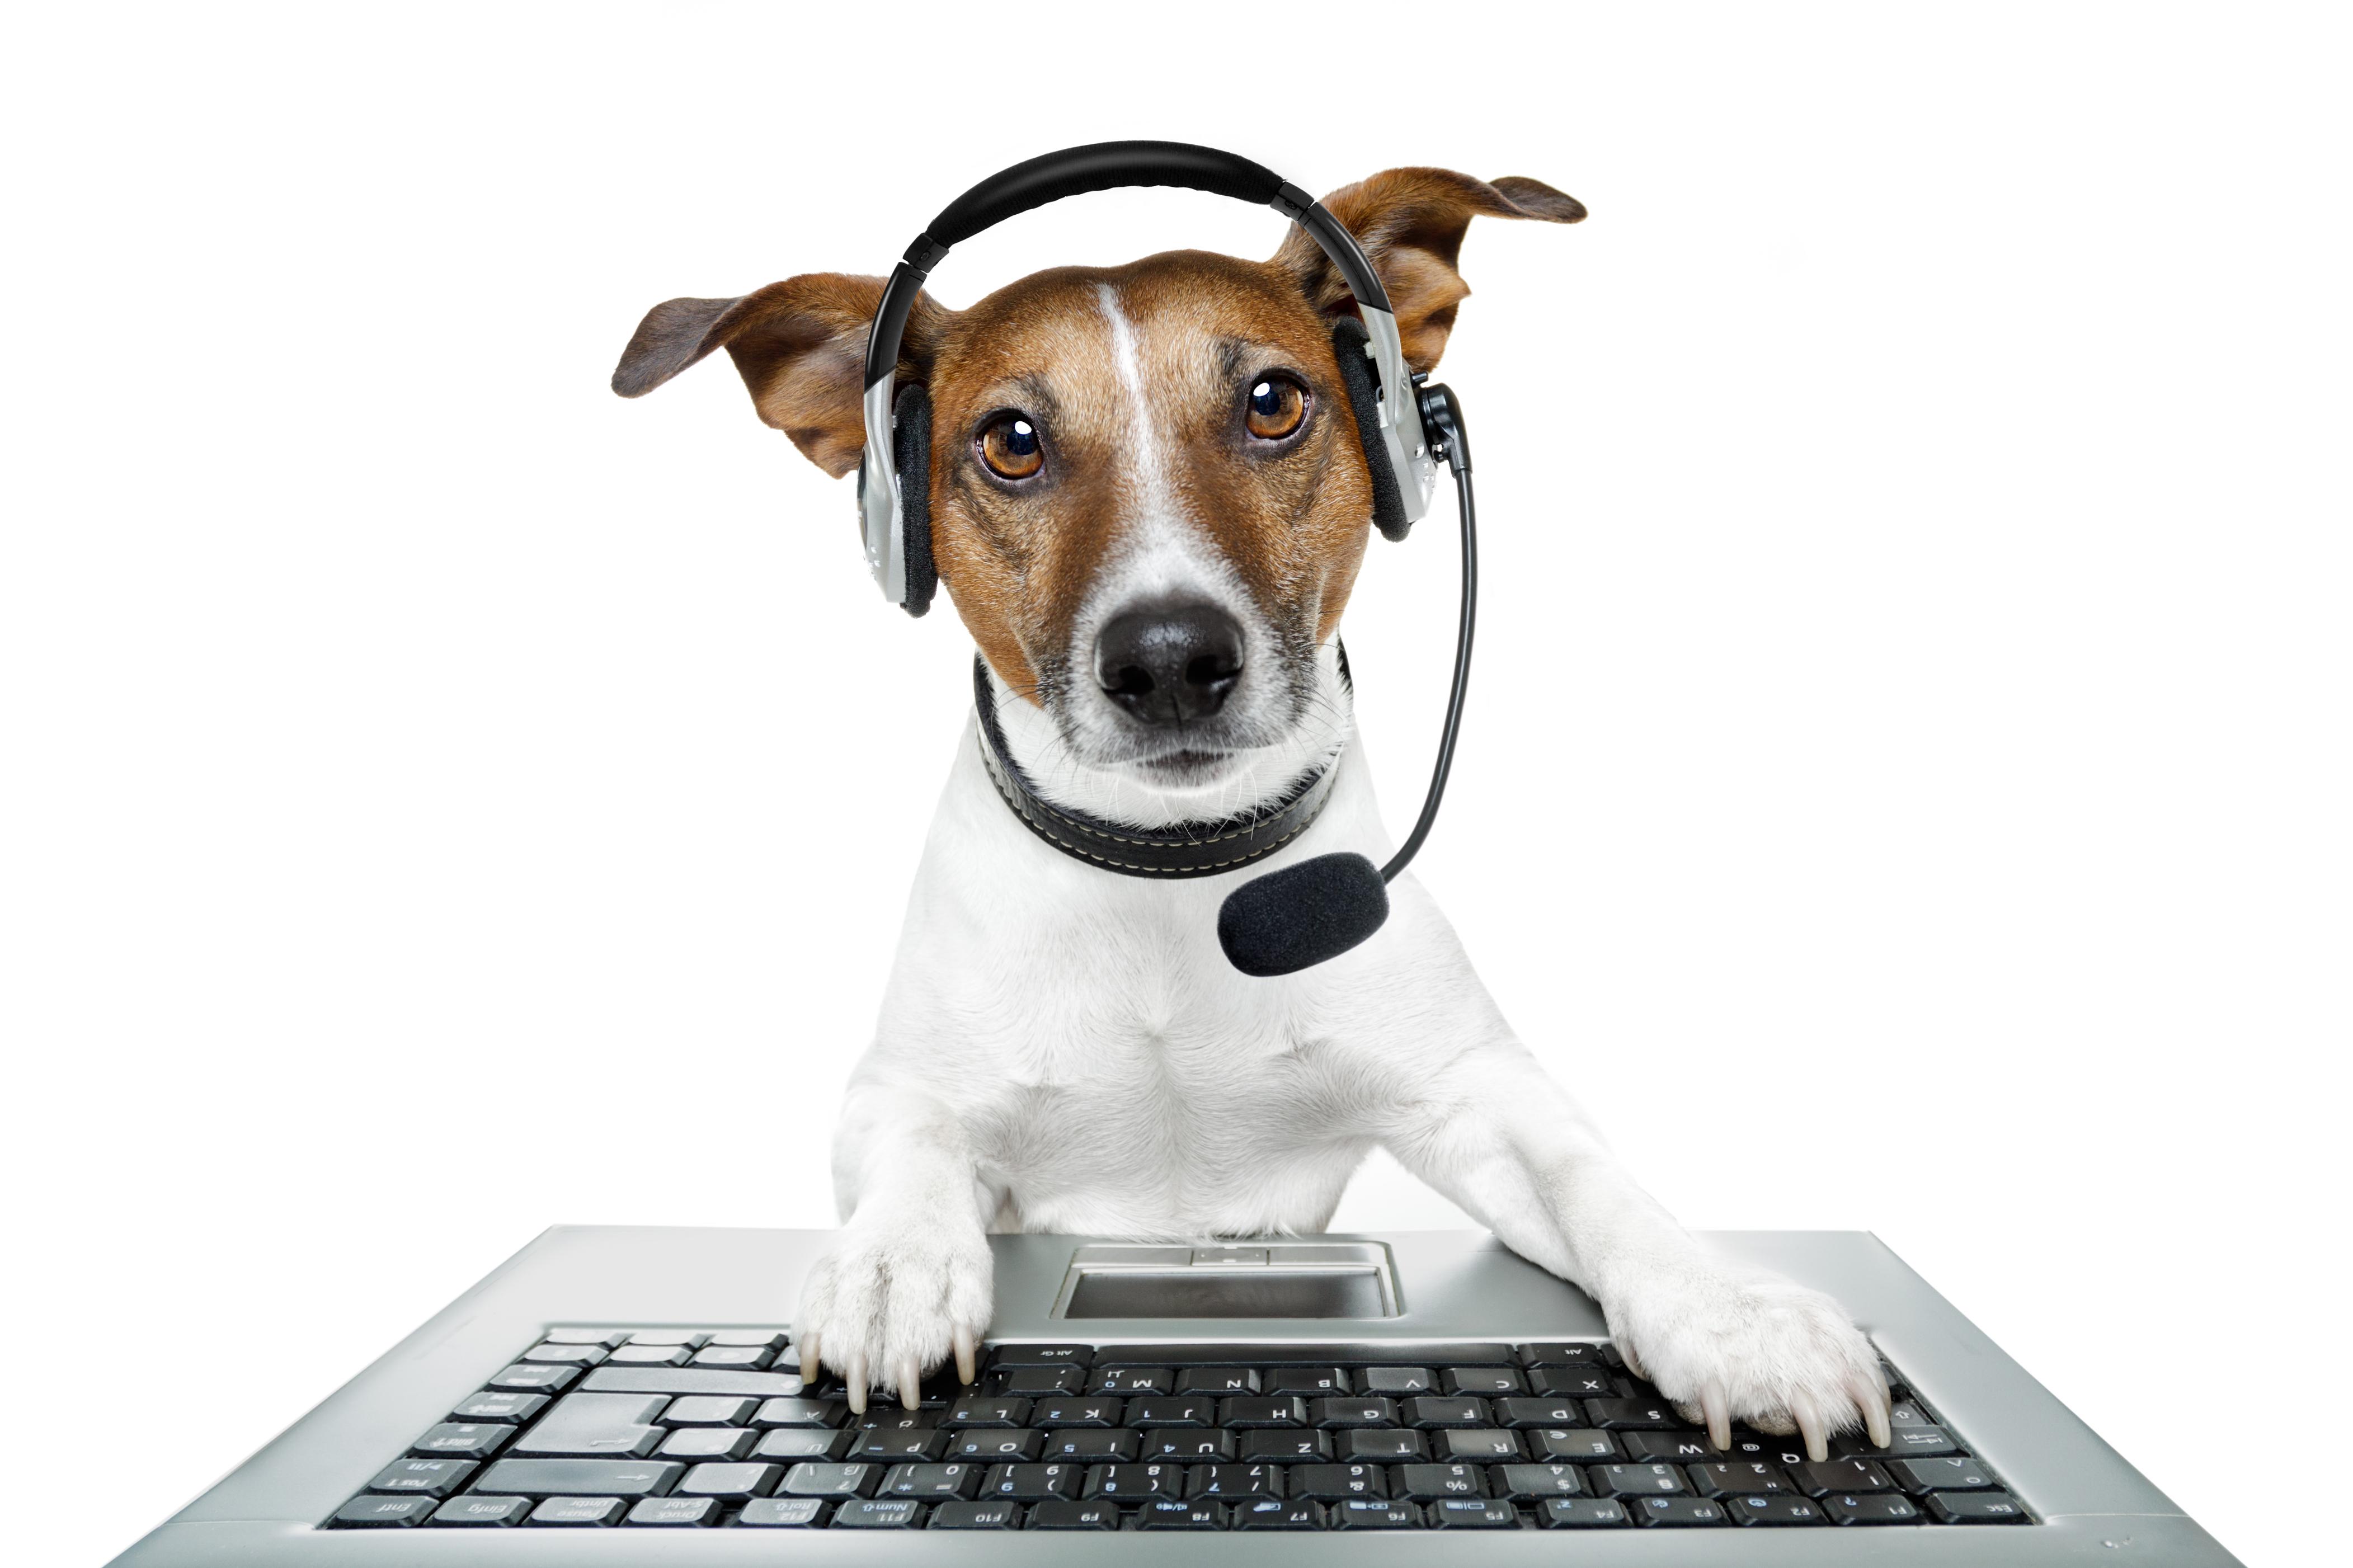 Ricetta elettronica veterinaria: invito al rispetto della normativa